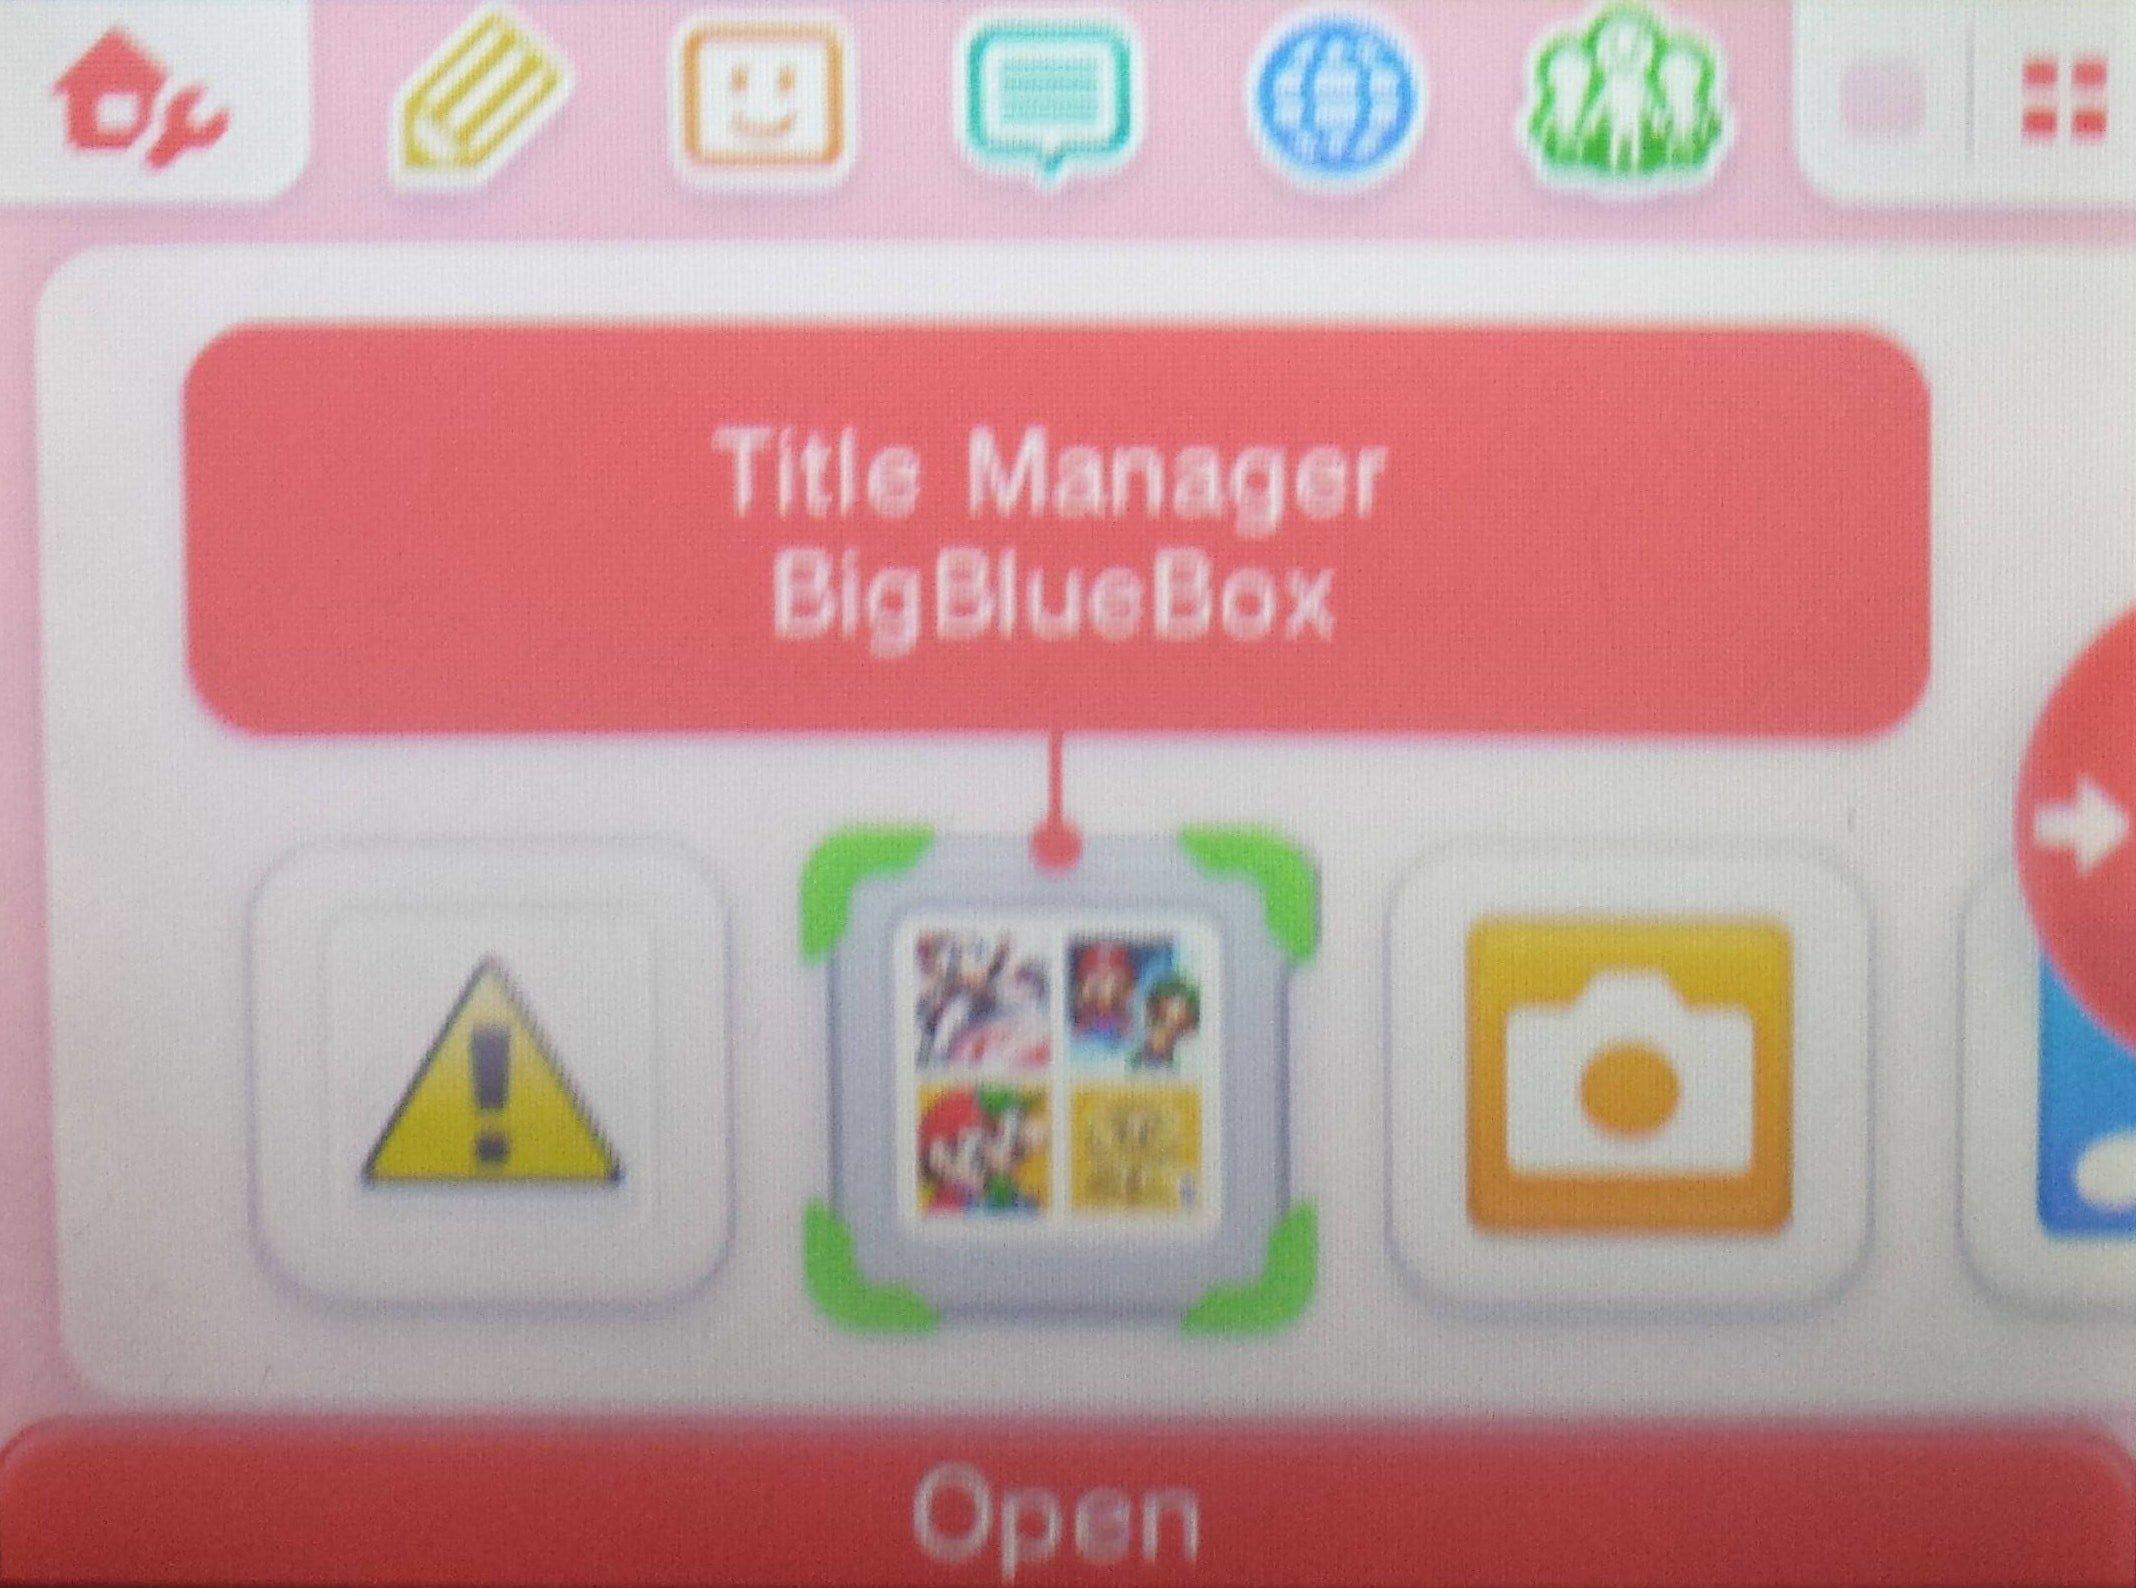 BigBlueMenu - BigBlueBox - Nintendo 3DS - Dekazeta